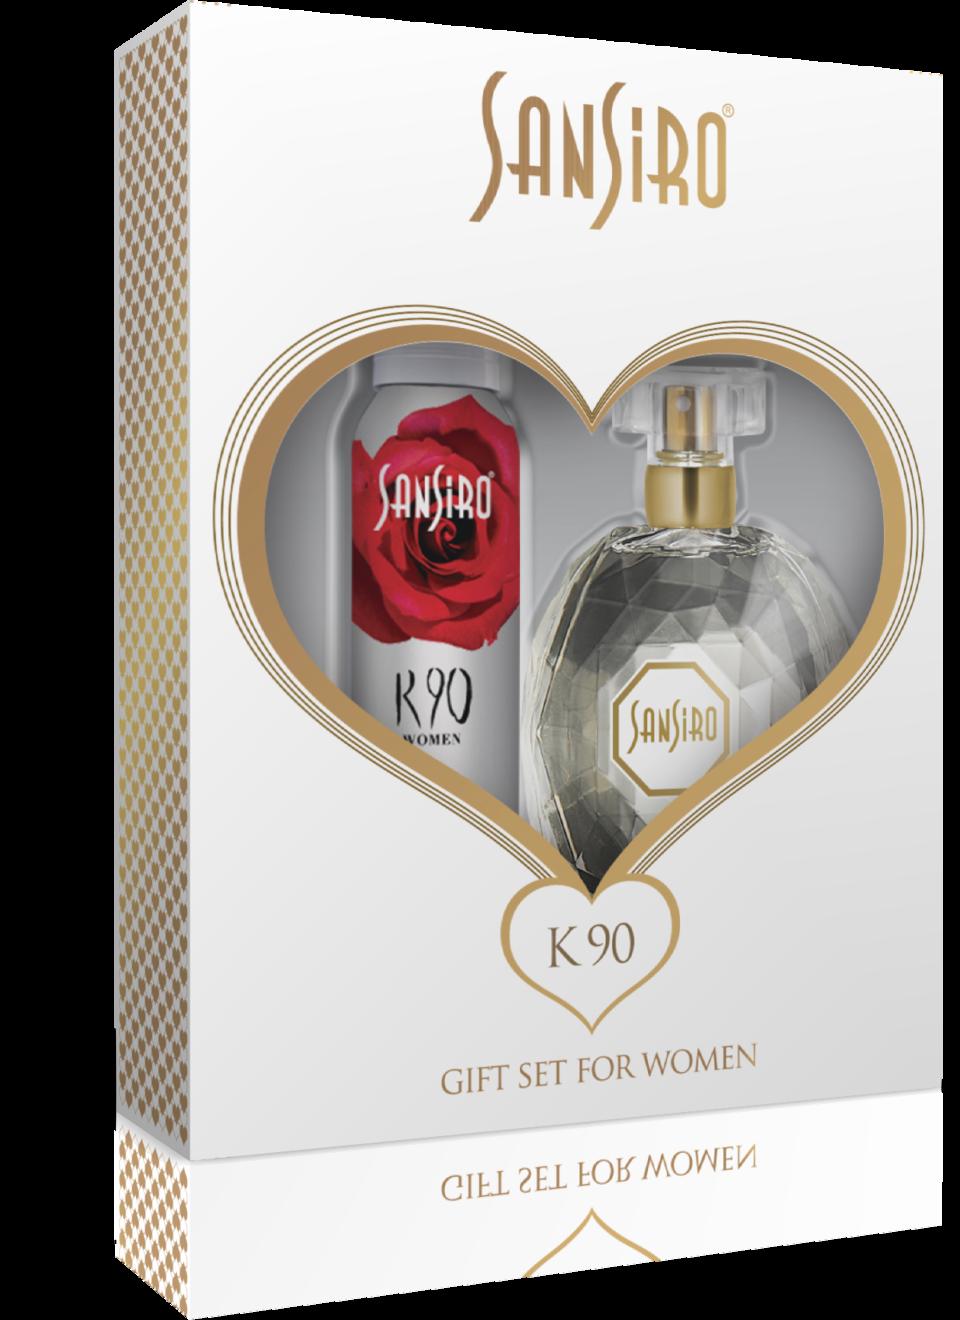 Sansiro Perfume - Gift Sets For Women - Geschenke Set K90